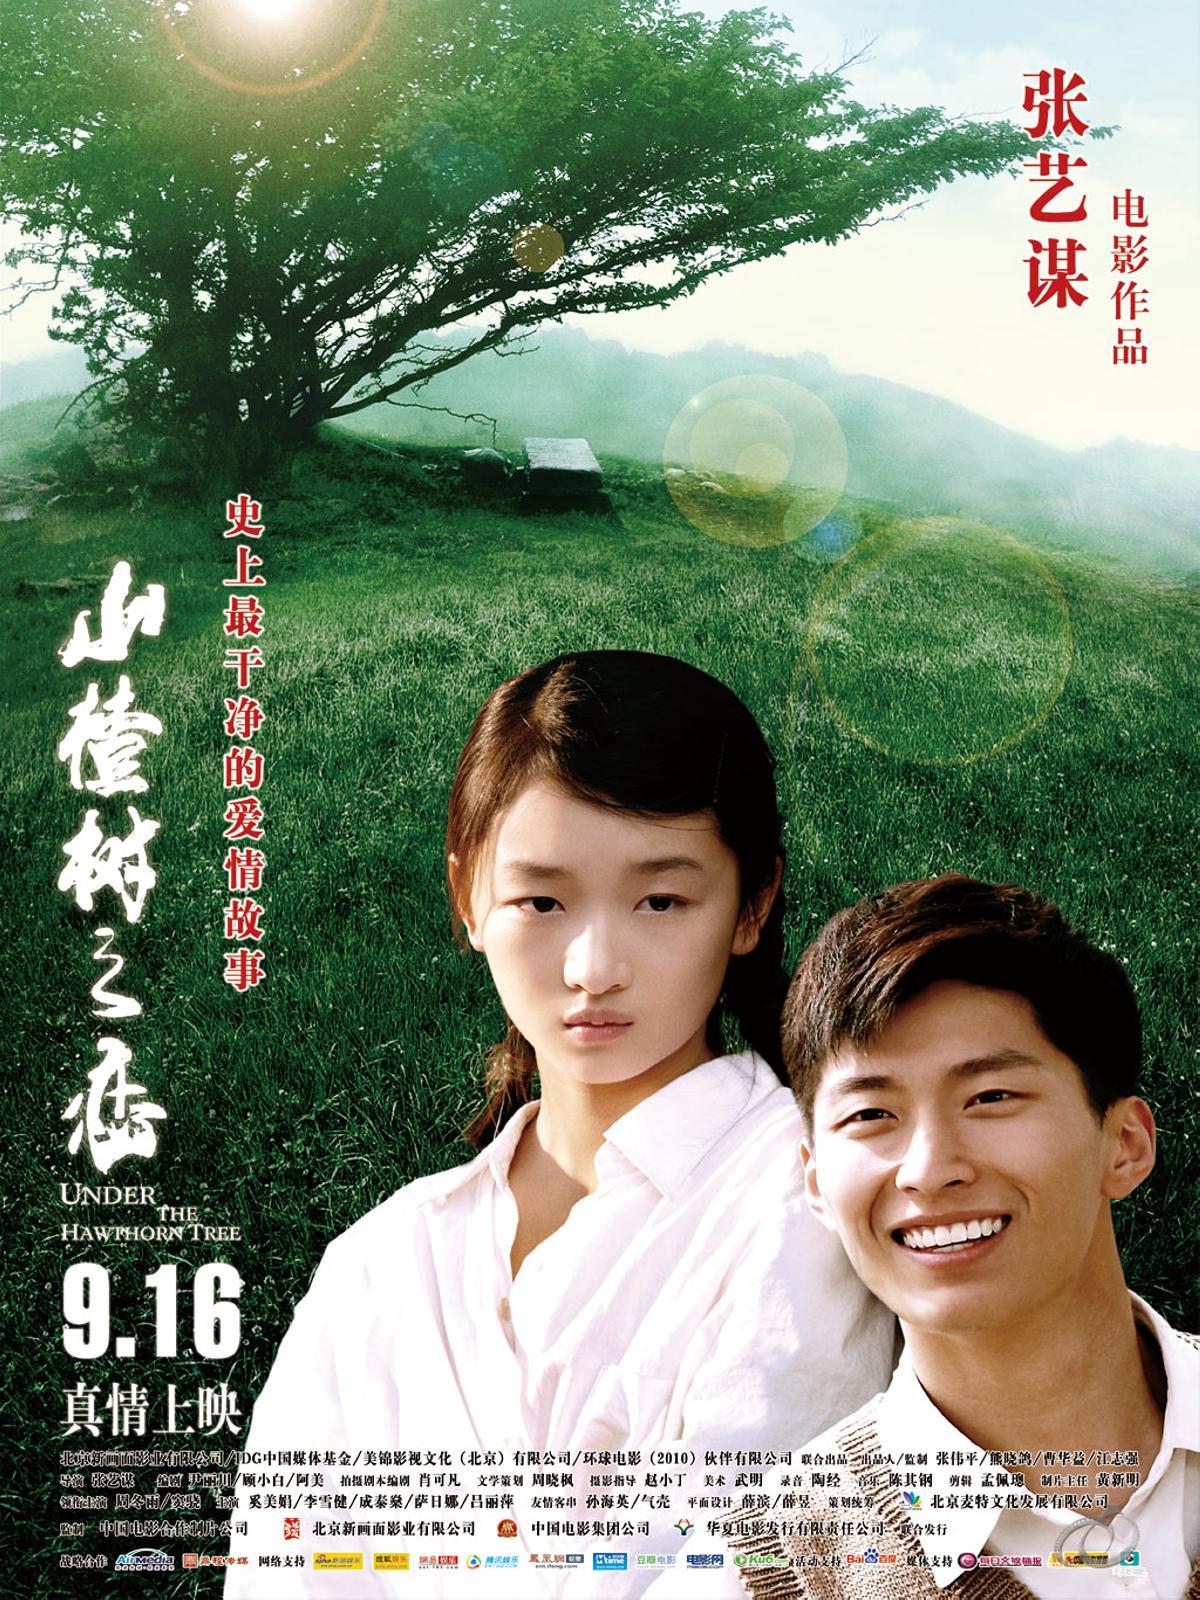 O Ağacın Altında Shan zha shu zhi lian izle TR Altyazılı